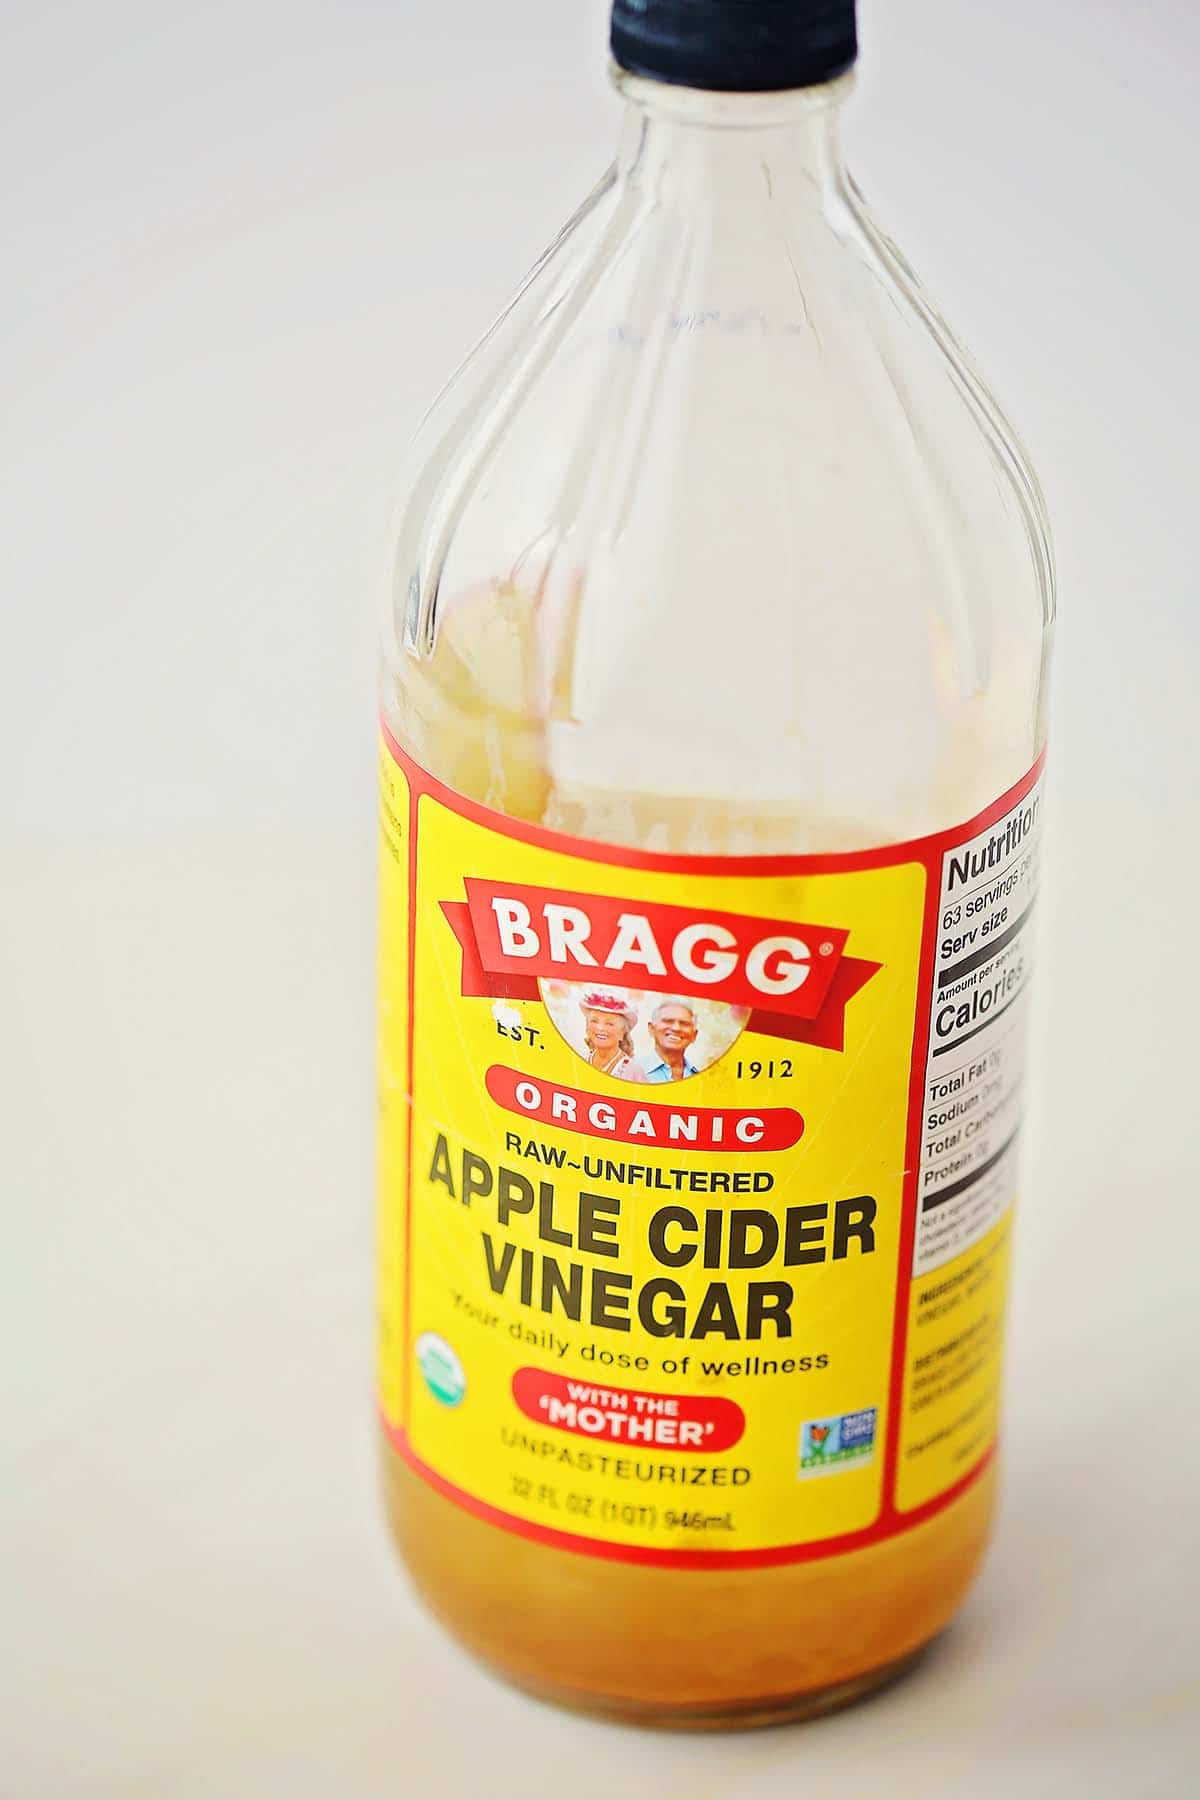 big glass bottle with apple cider vinegar